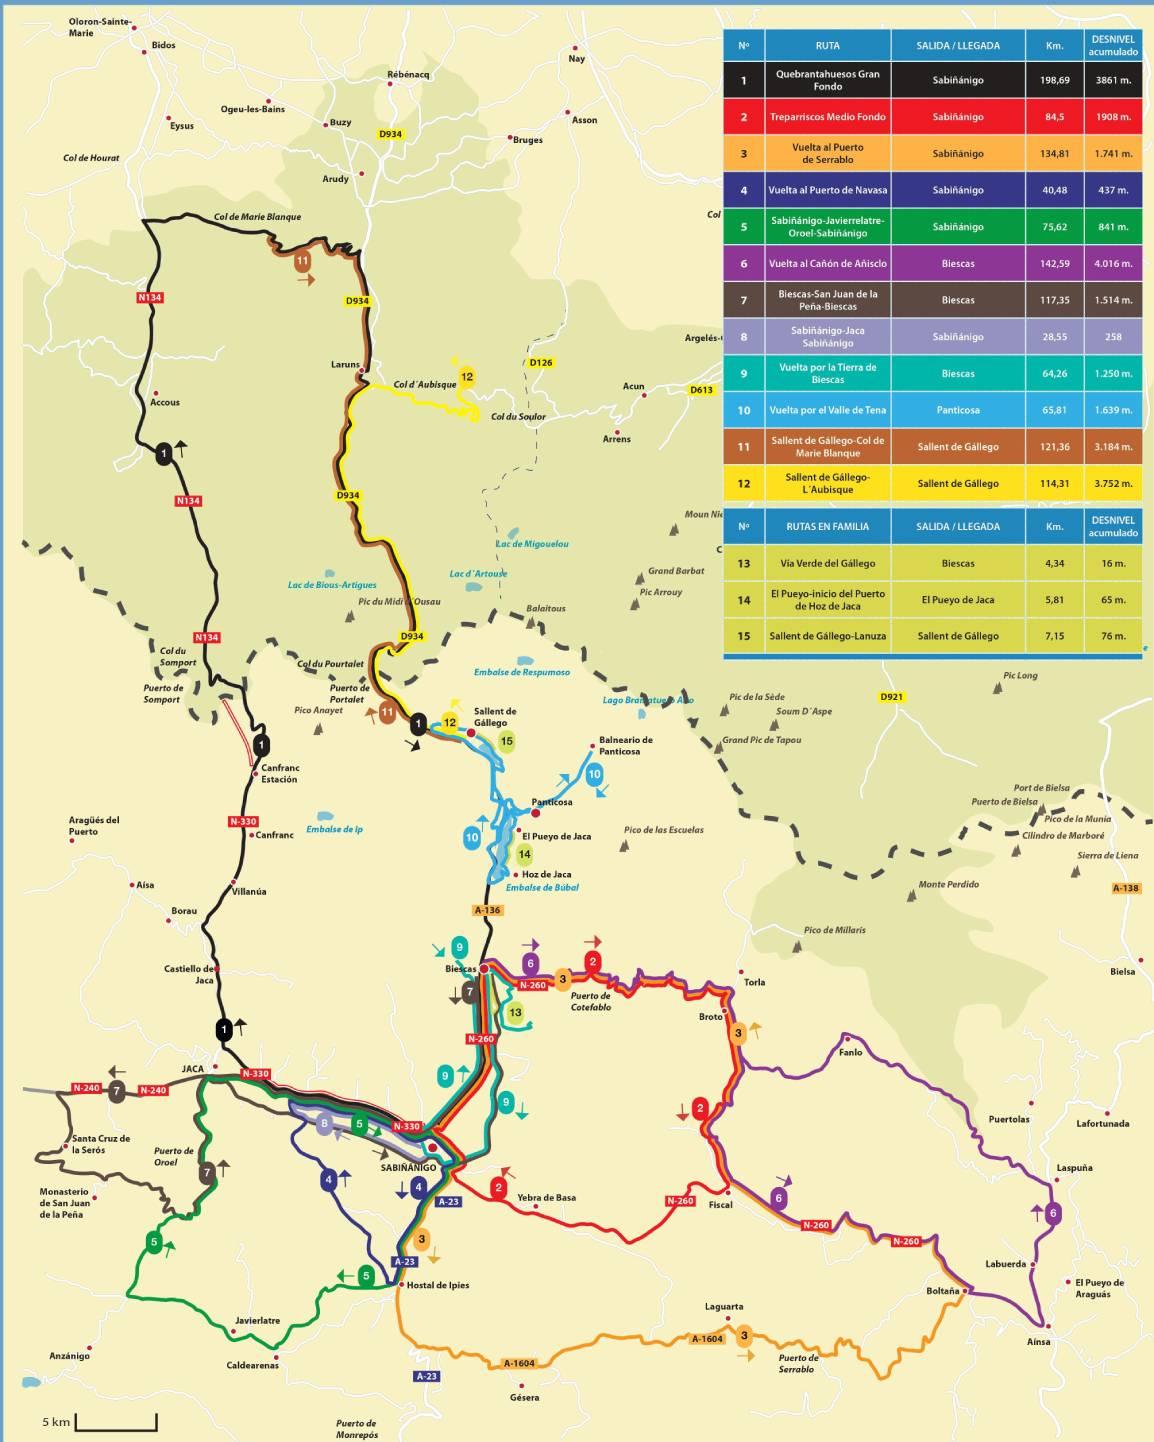 Valle De Tena Mapa.Bicicleta De Montana Valle De Tena Y Del Aragon Estacion